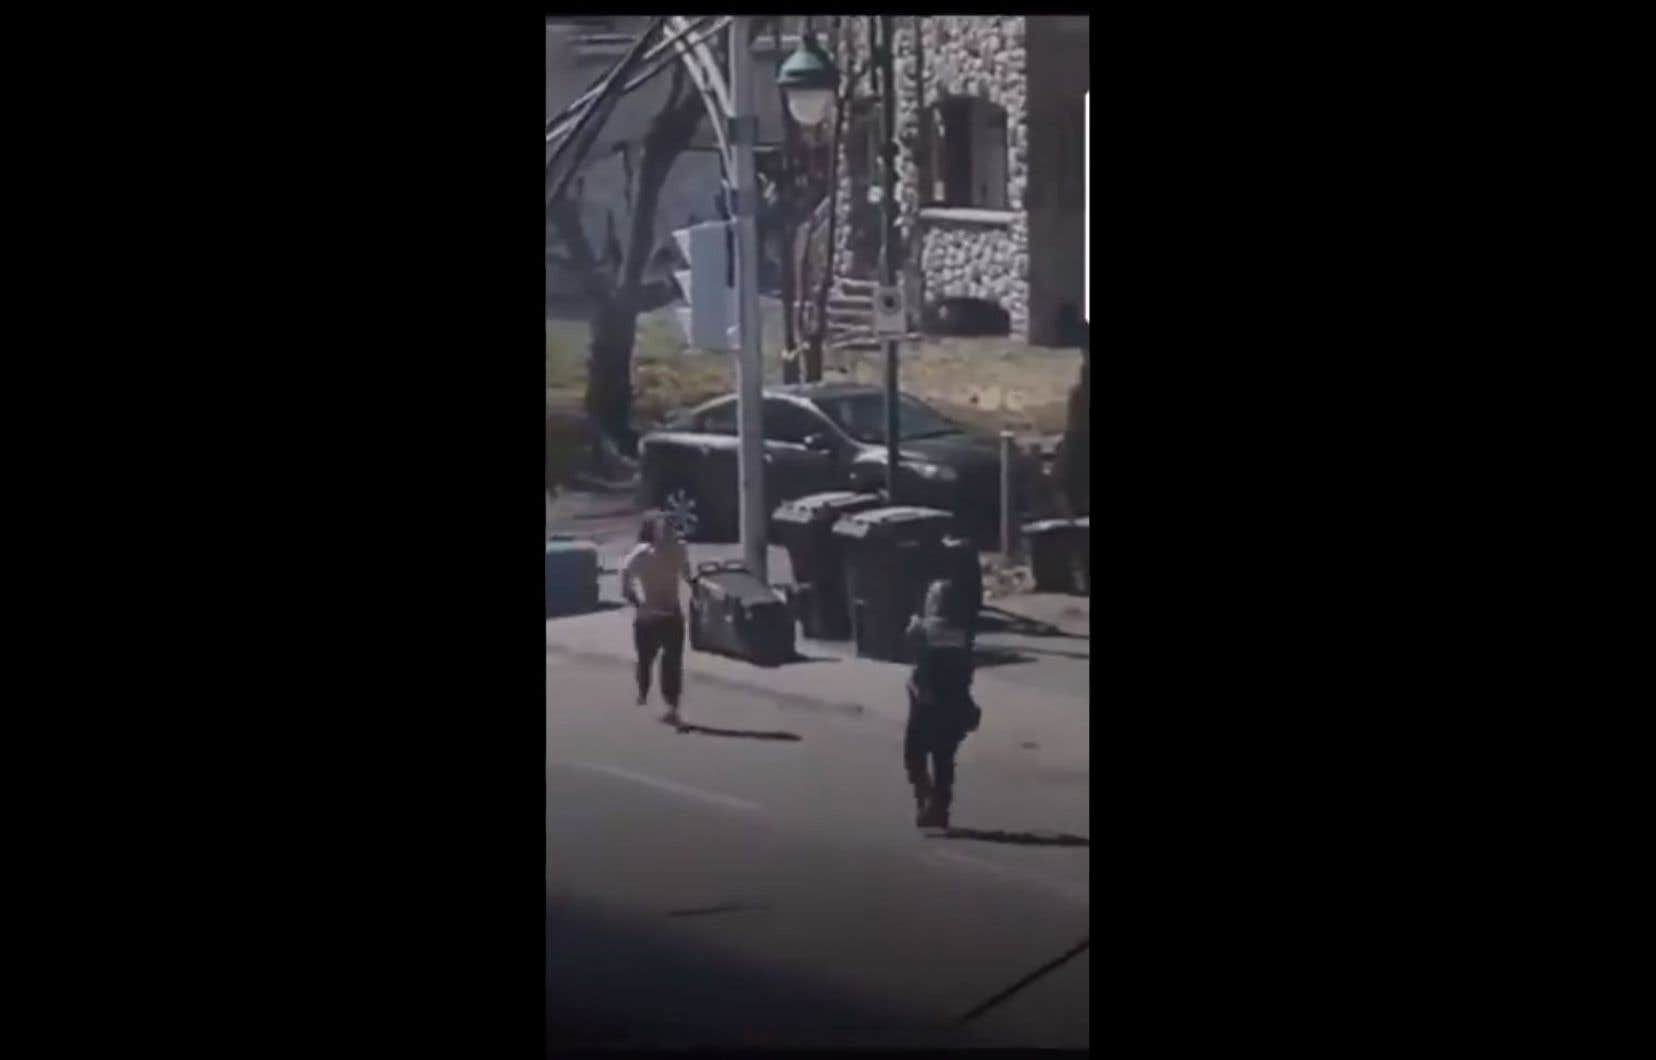 Selon la police de Longueuil, l'individu, «armé d'un objet qu'il avait dans ses mains», aurait foncé vers une policière qui aurait alors ouvert le feu après s'être sentie menacée.